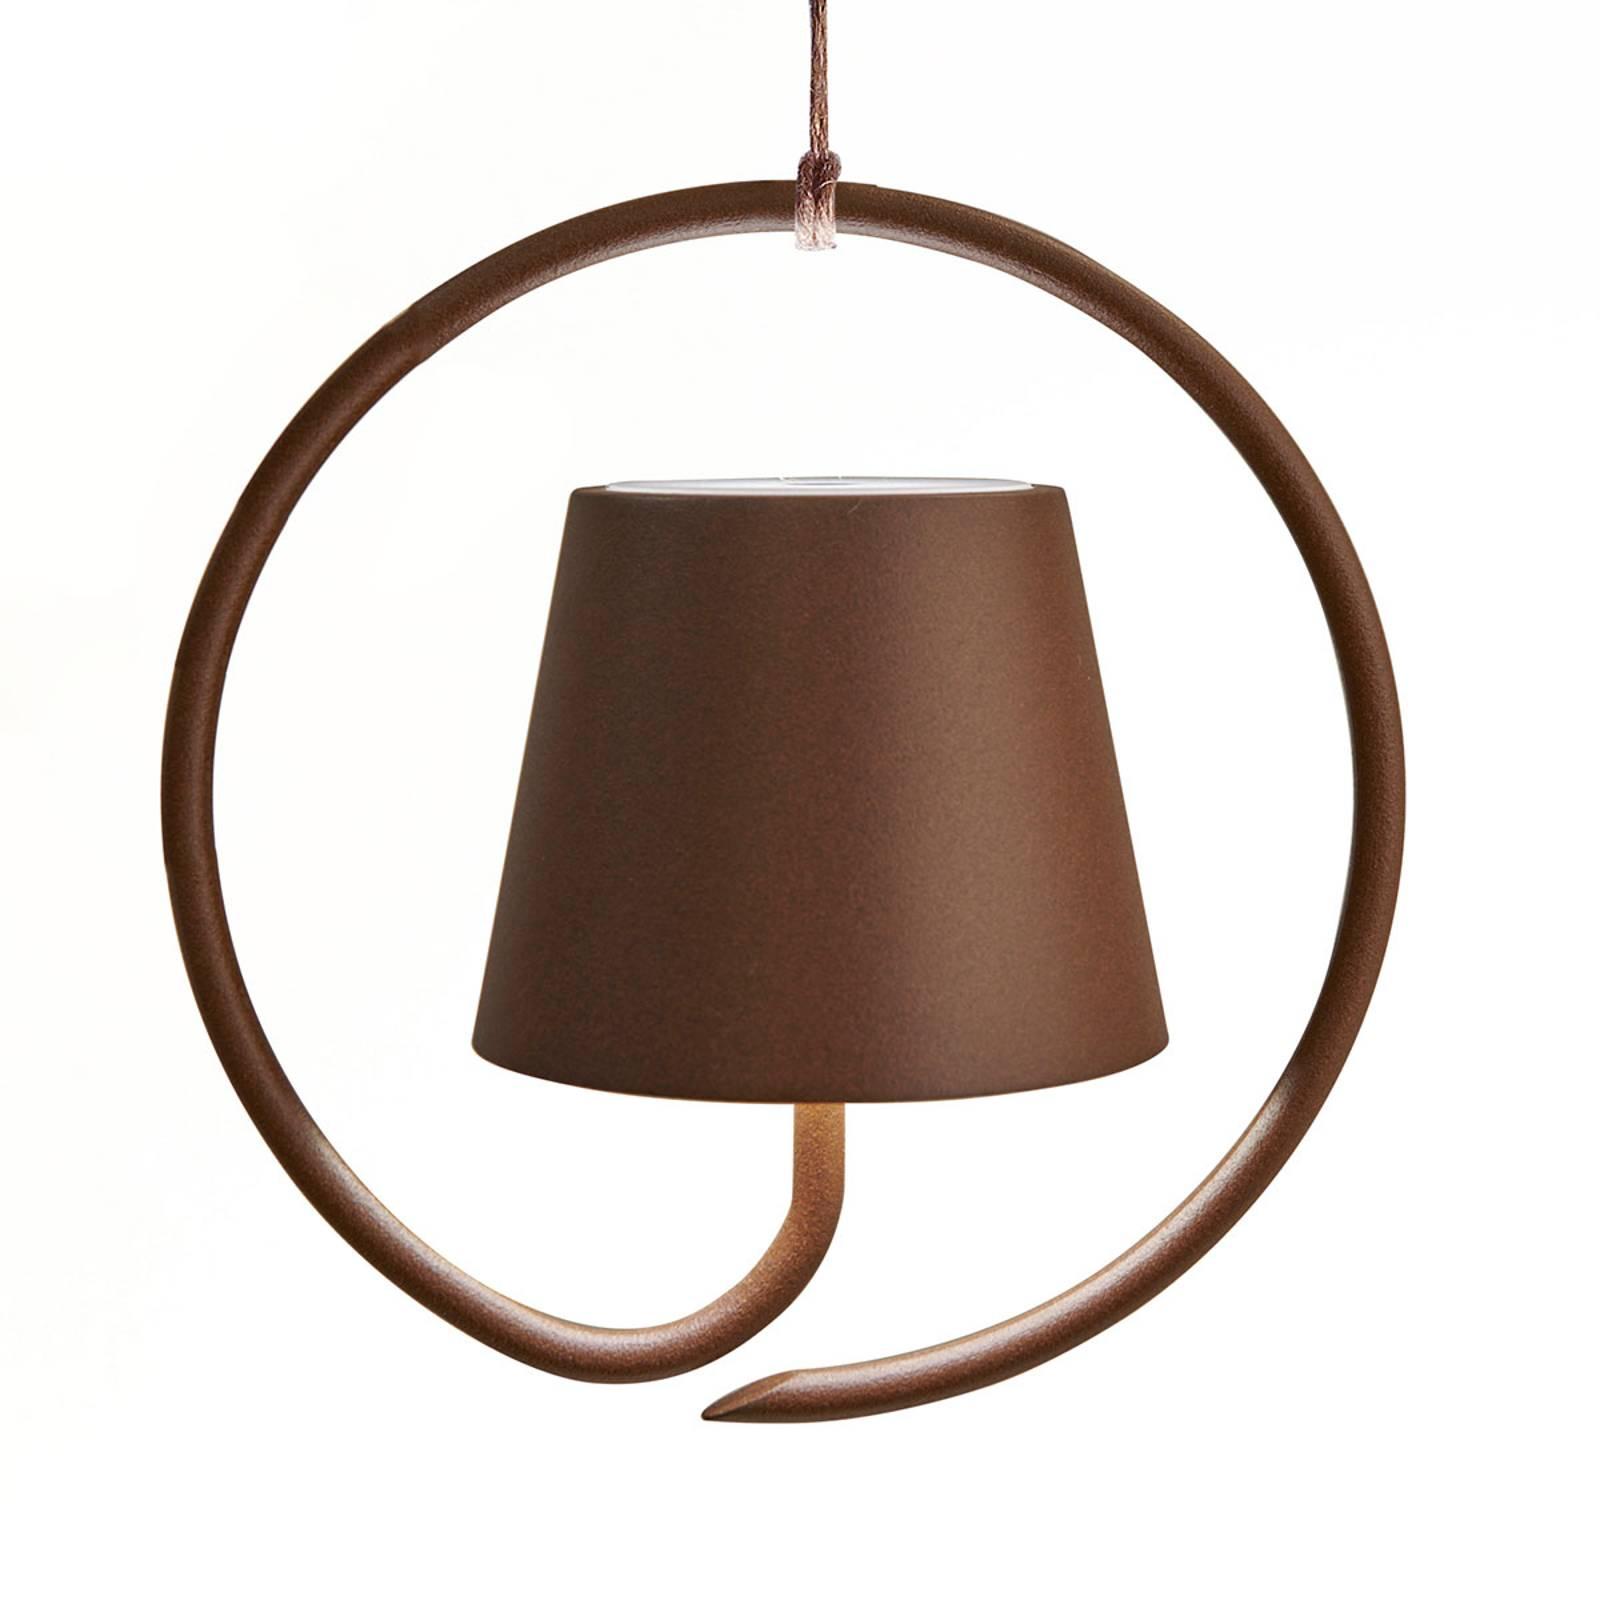 Suspension LED Poldina sur batterie, brun